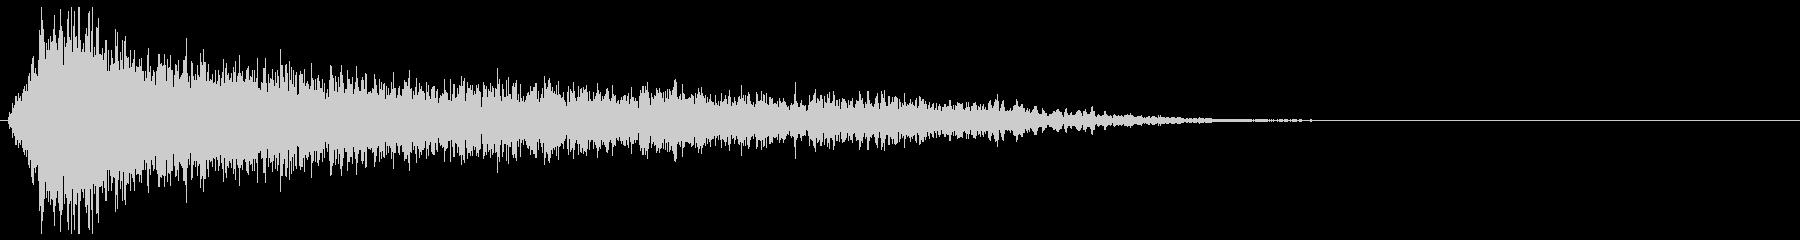 サスペンスピアノ音_1-1の未再生の波形